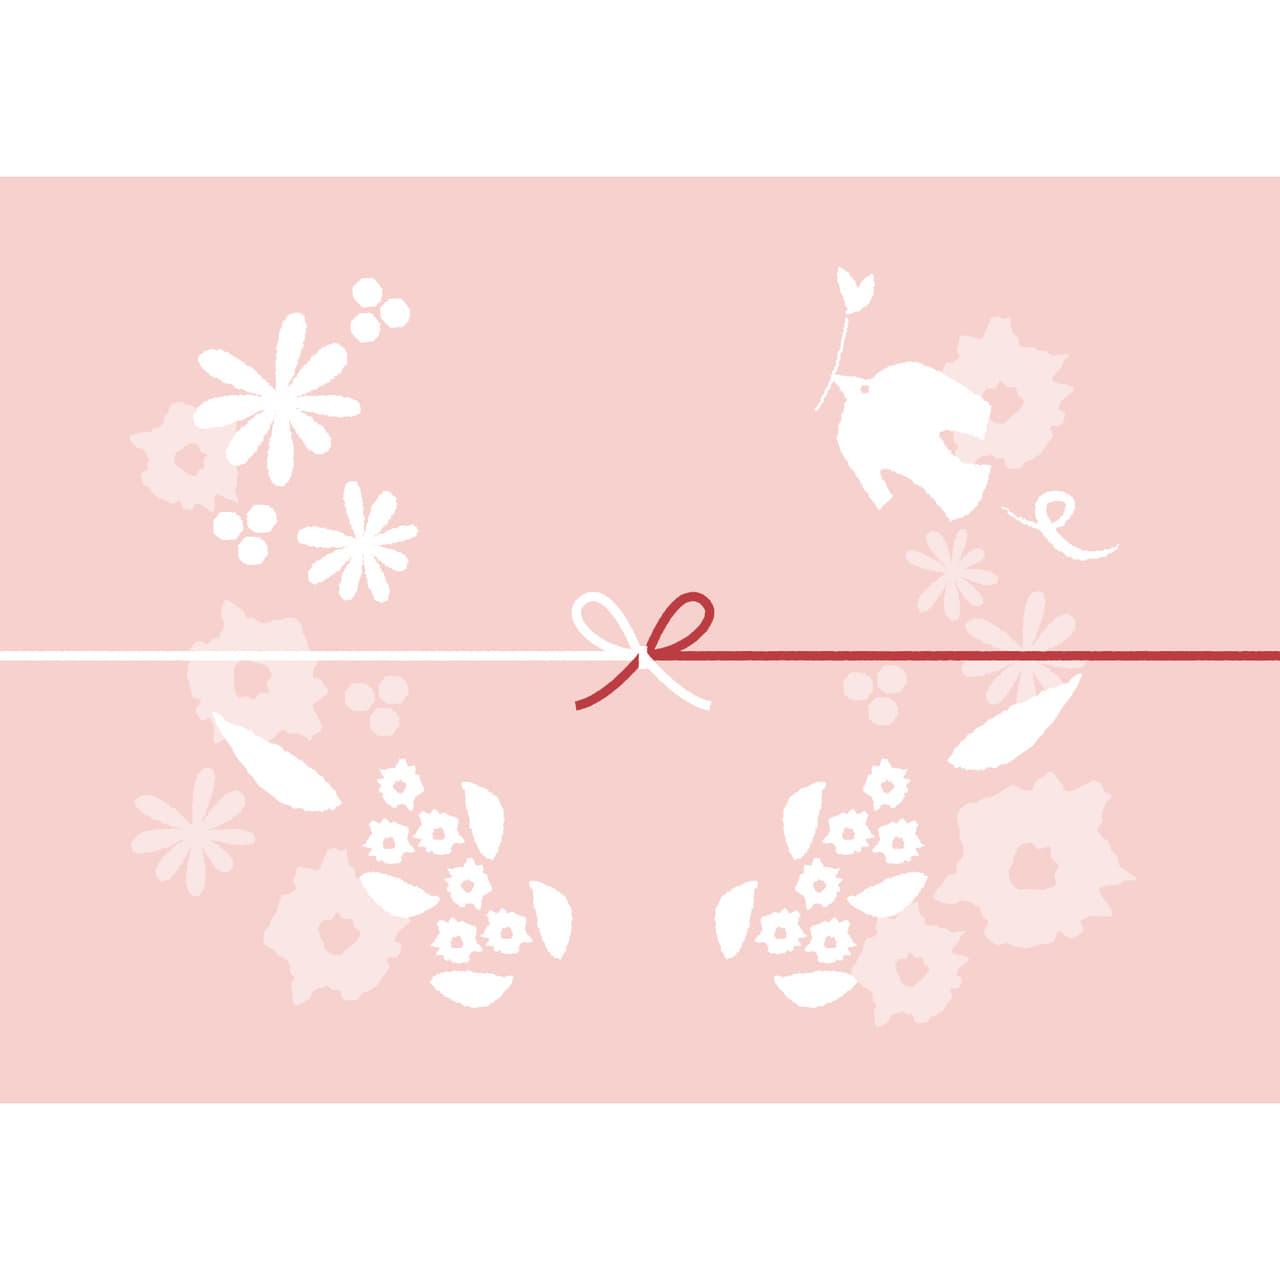 鳥や花を散りばめたピンク色のカジュアルなのし紙(蝶結び)